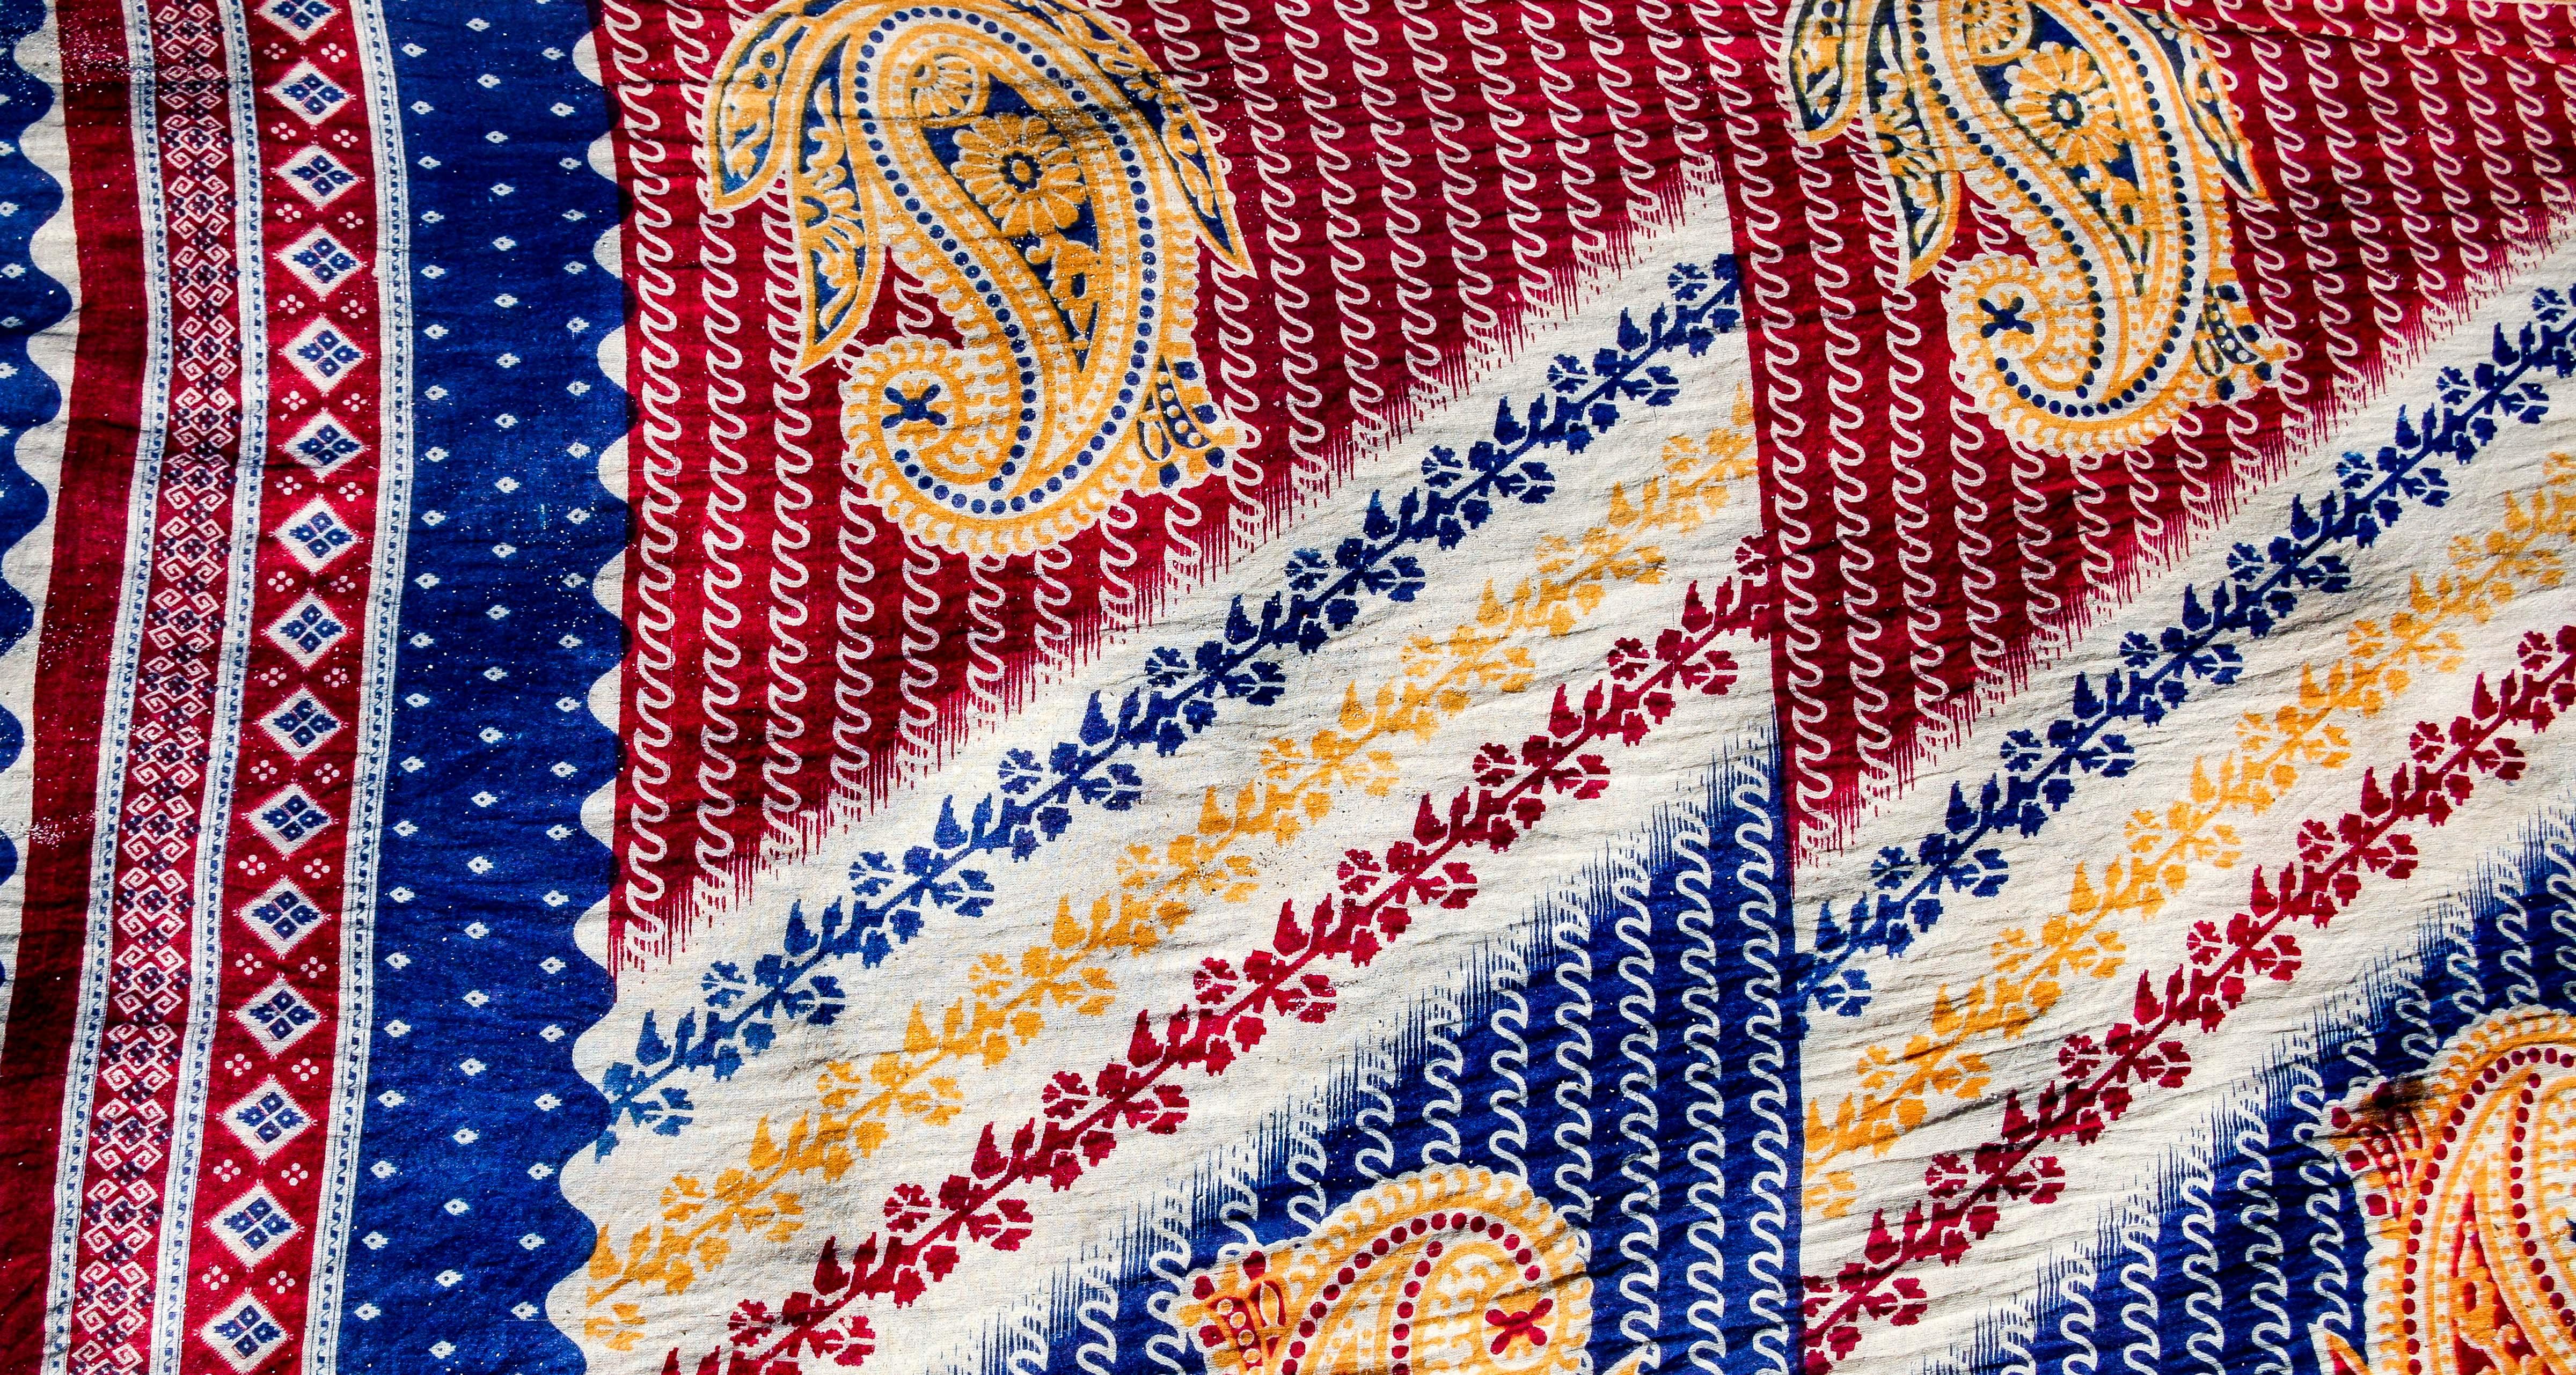 Bangladesh, Sylhet Prov, Fabric Detail, 2009, IMG 8231